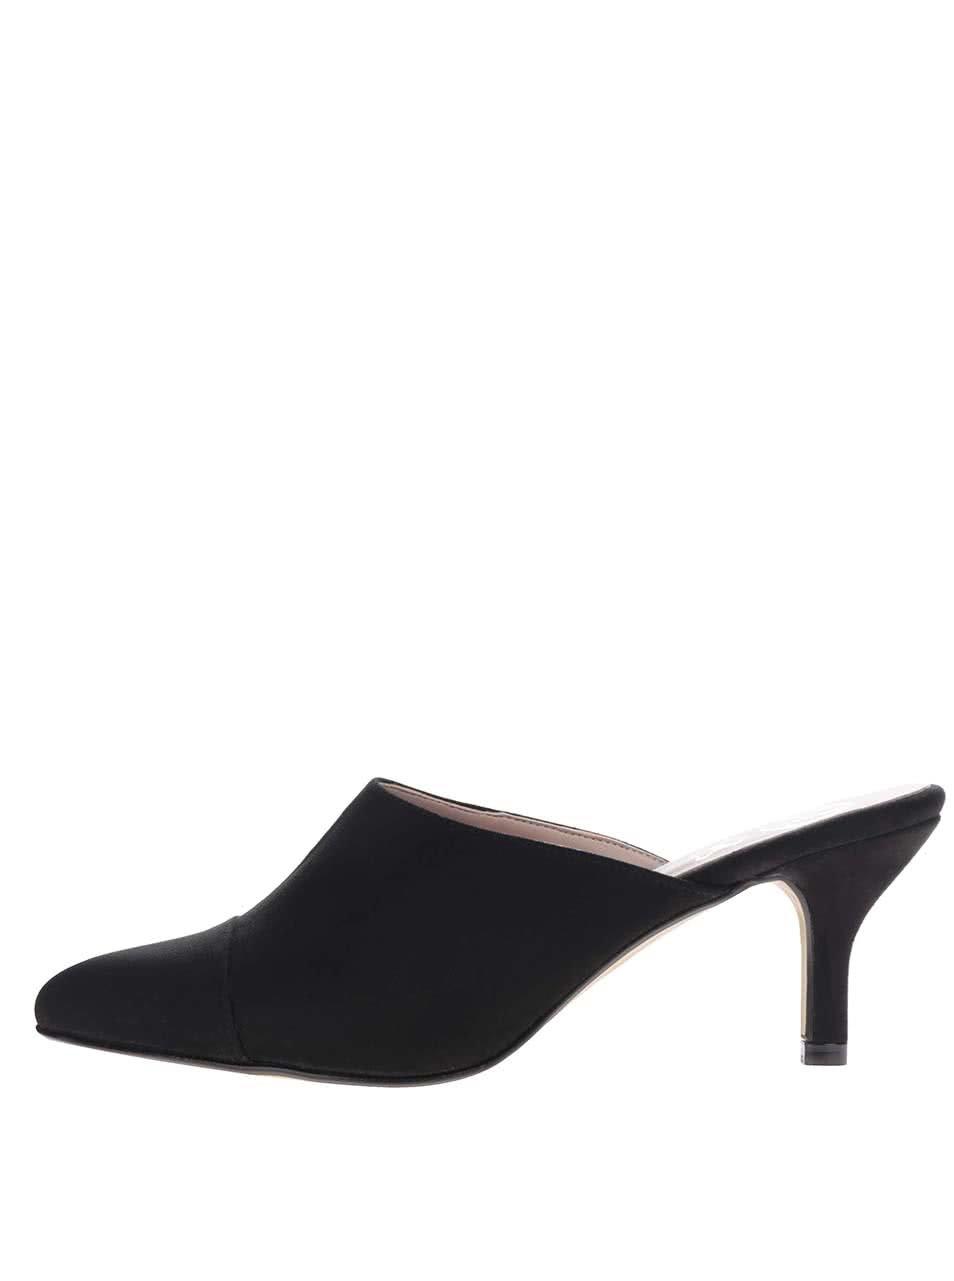 Černé nazouvací boty v semišové úpravě na podpadku OJJU